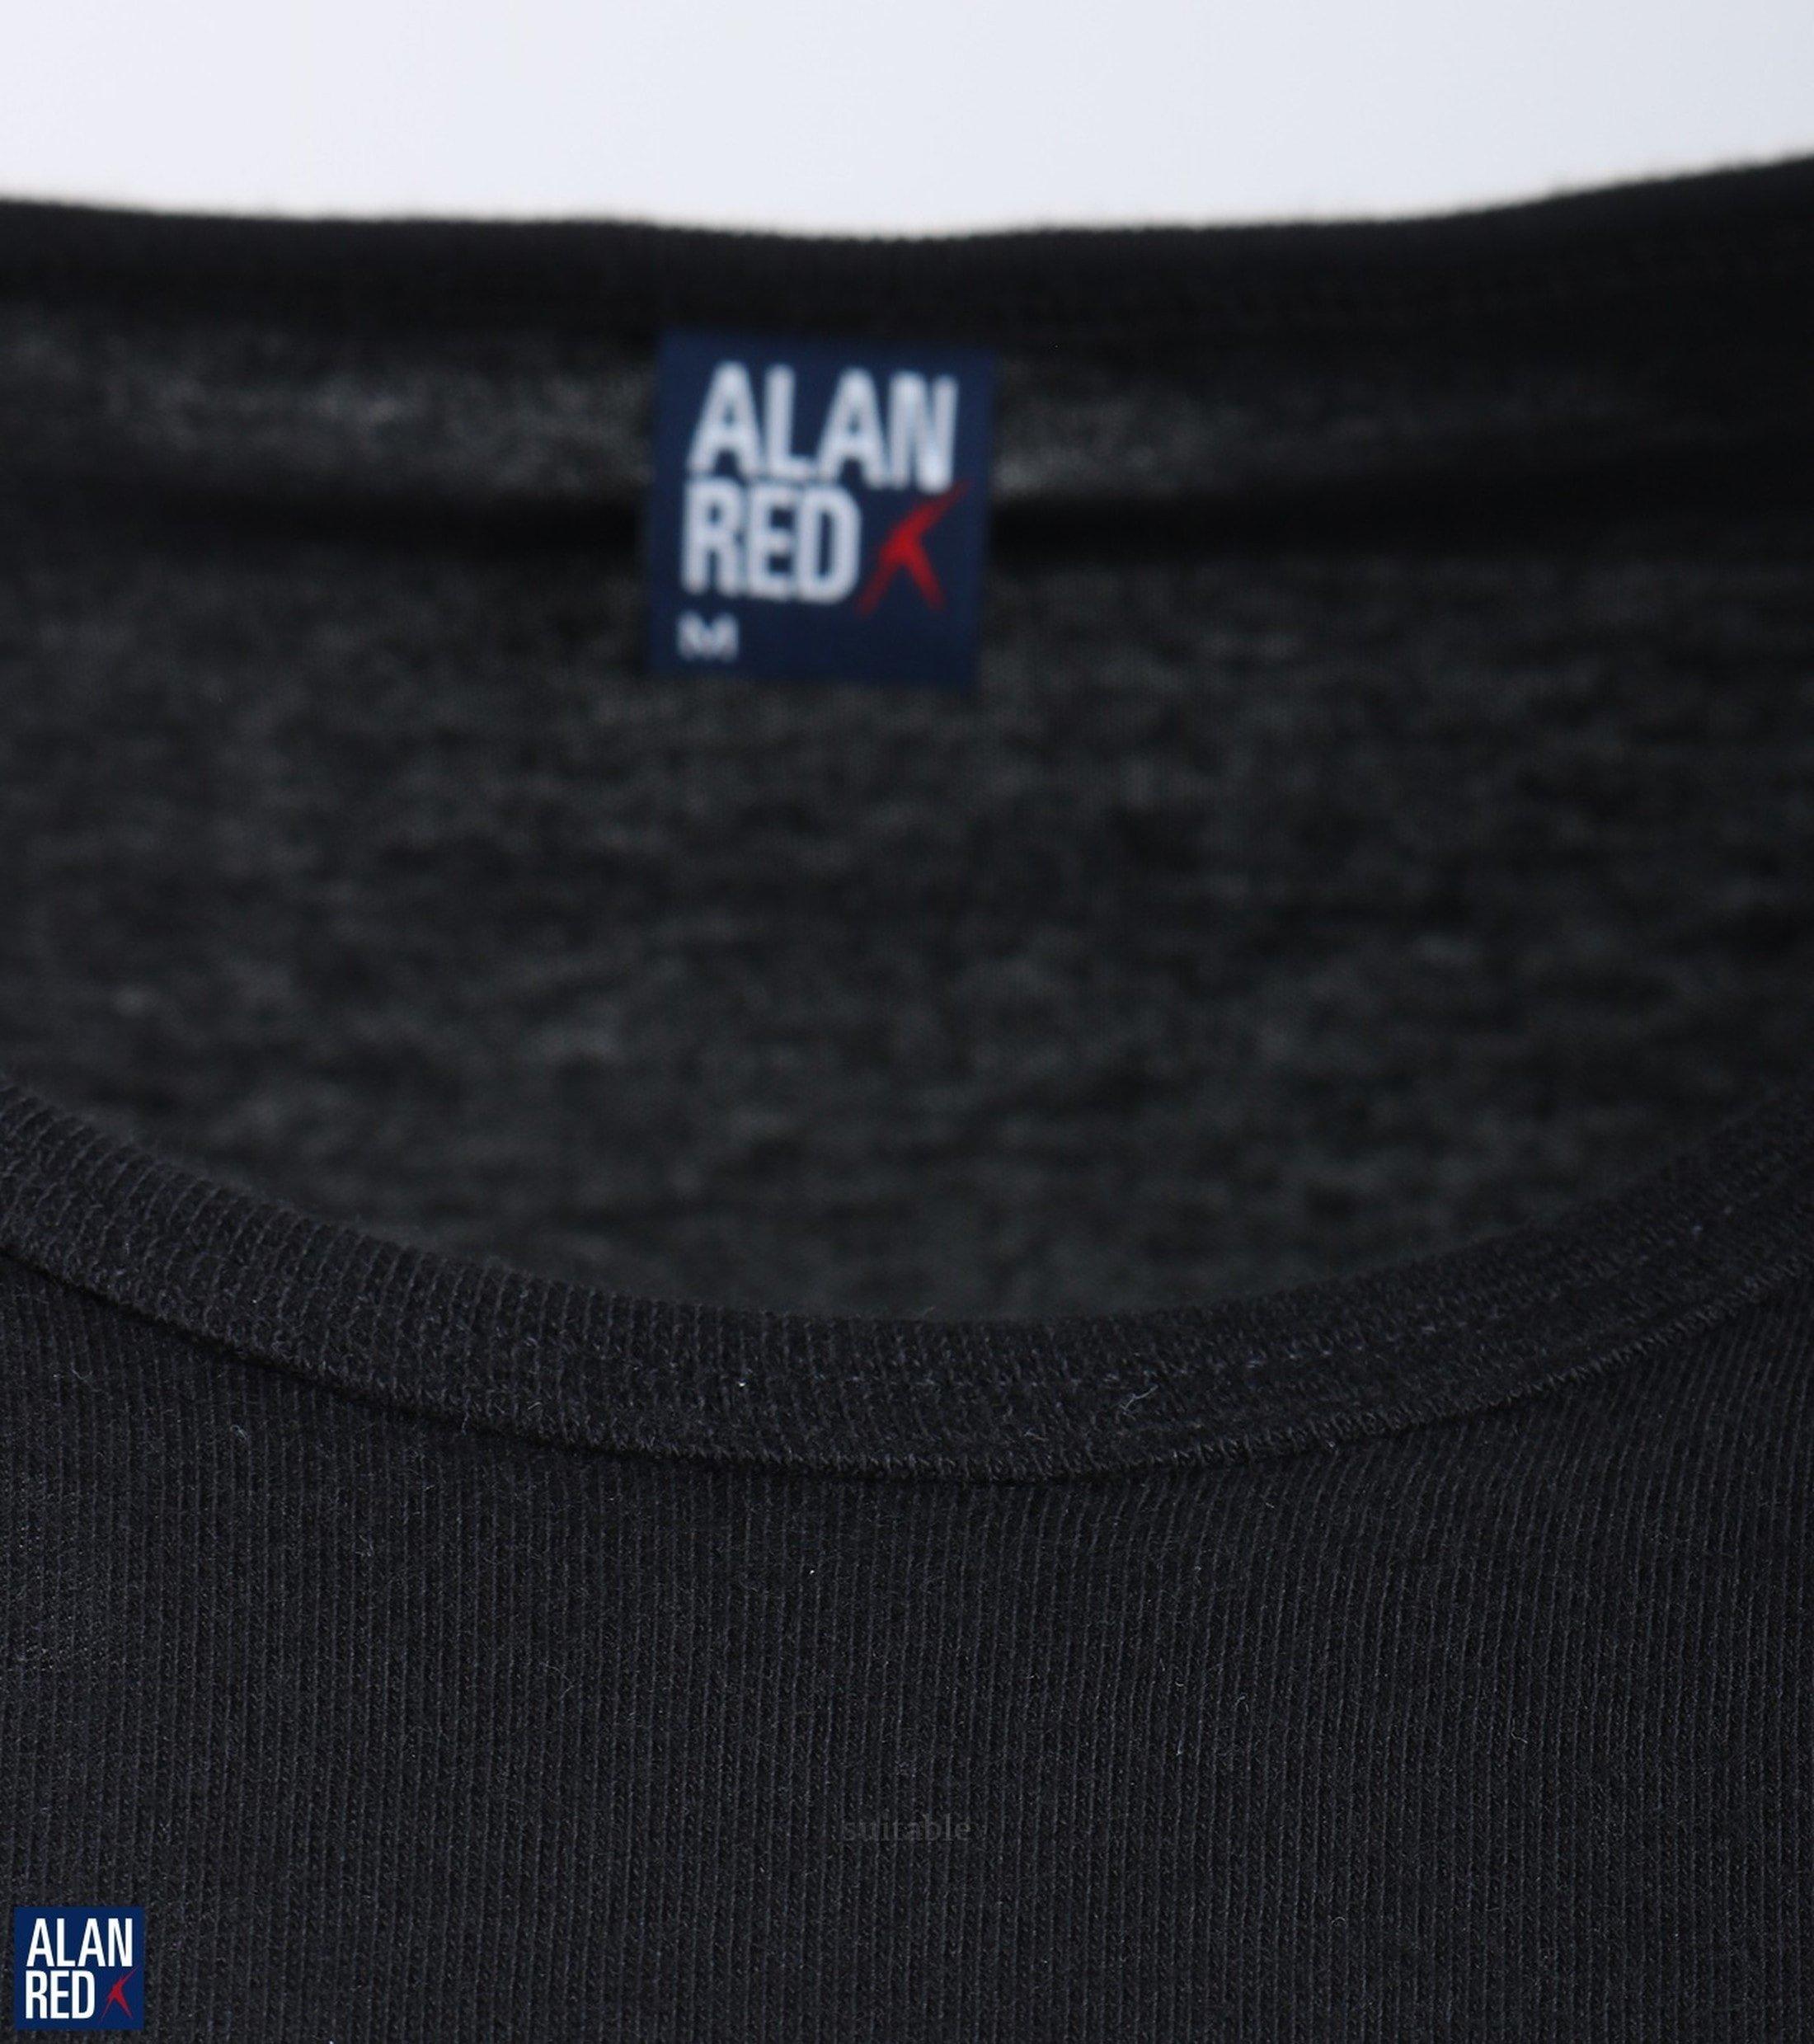 Alan Red Derby O-Neck T-shirt Black 1-Pack foto 1